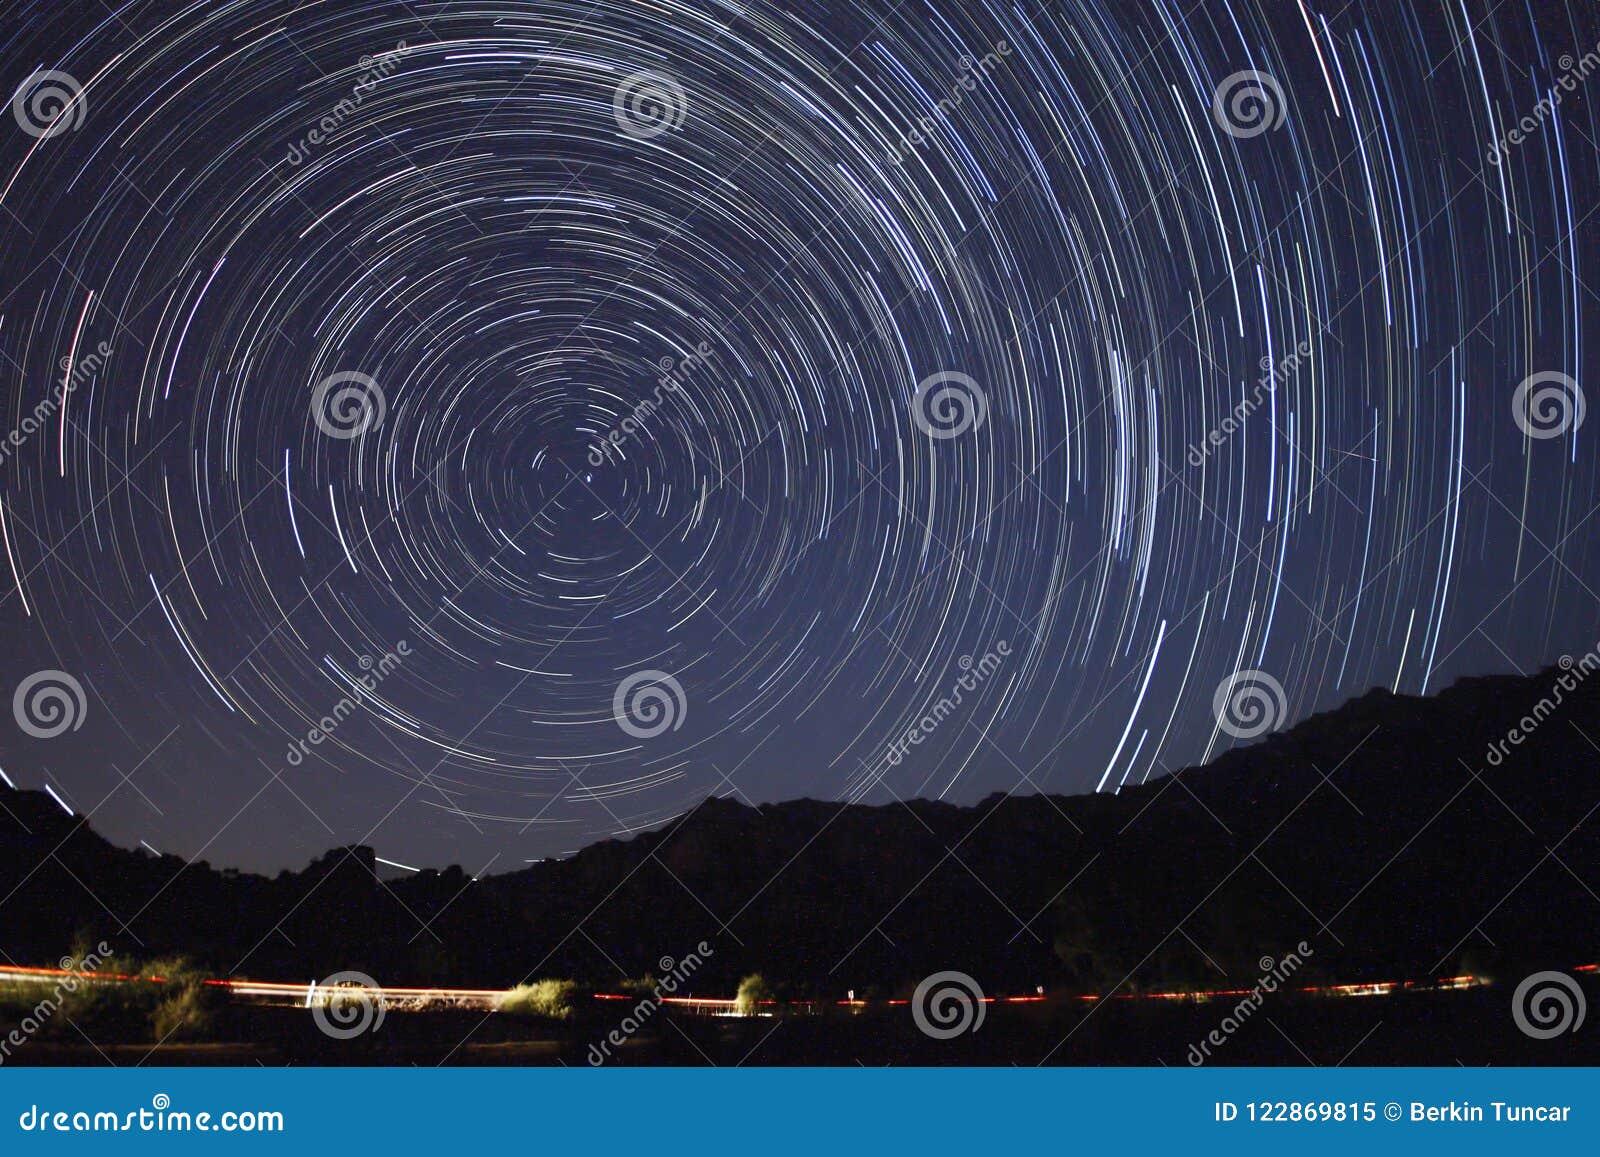 Perseid meteorregn